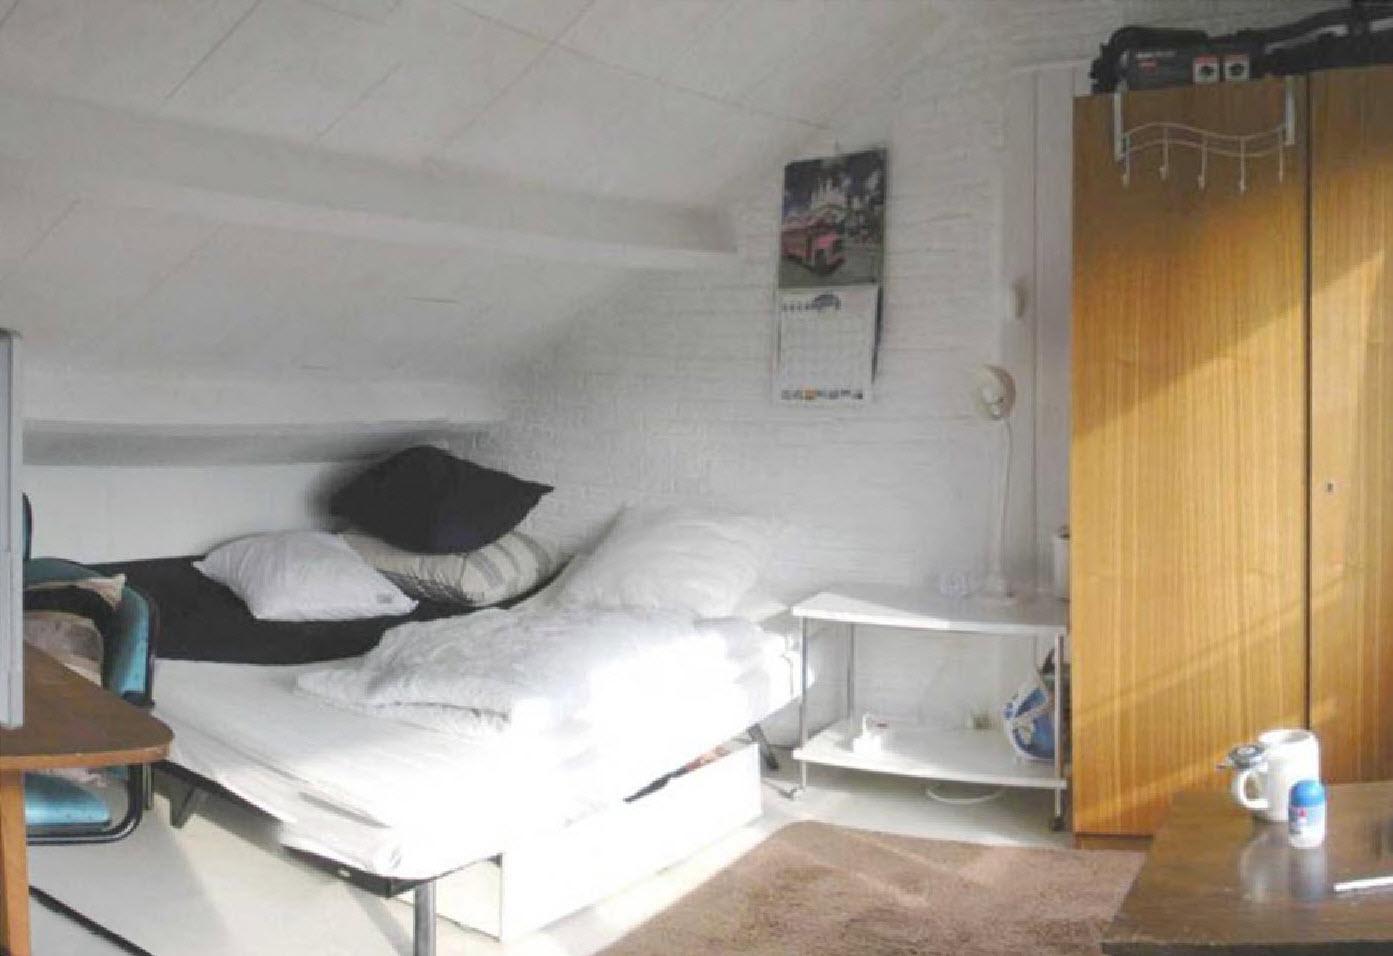 Zolderkamer2.jpg